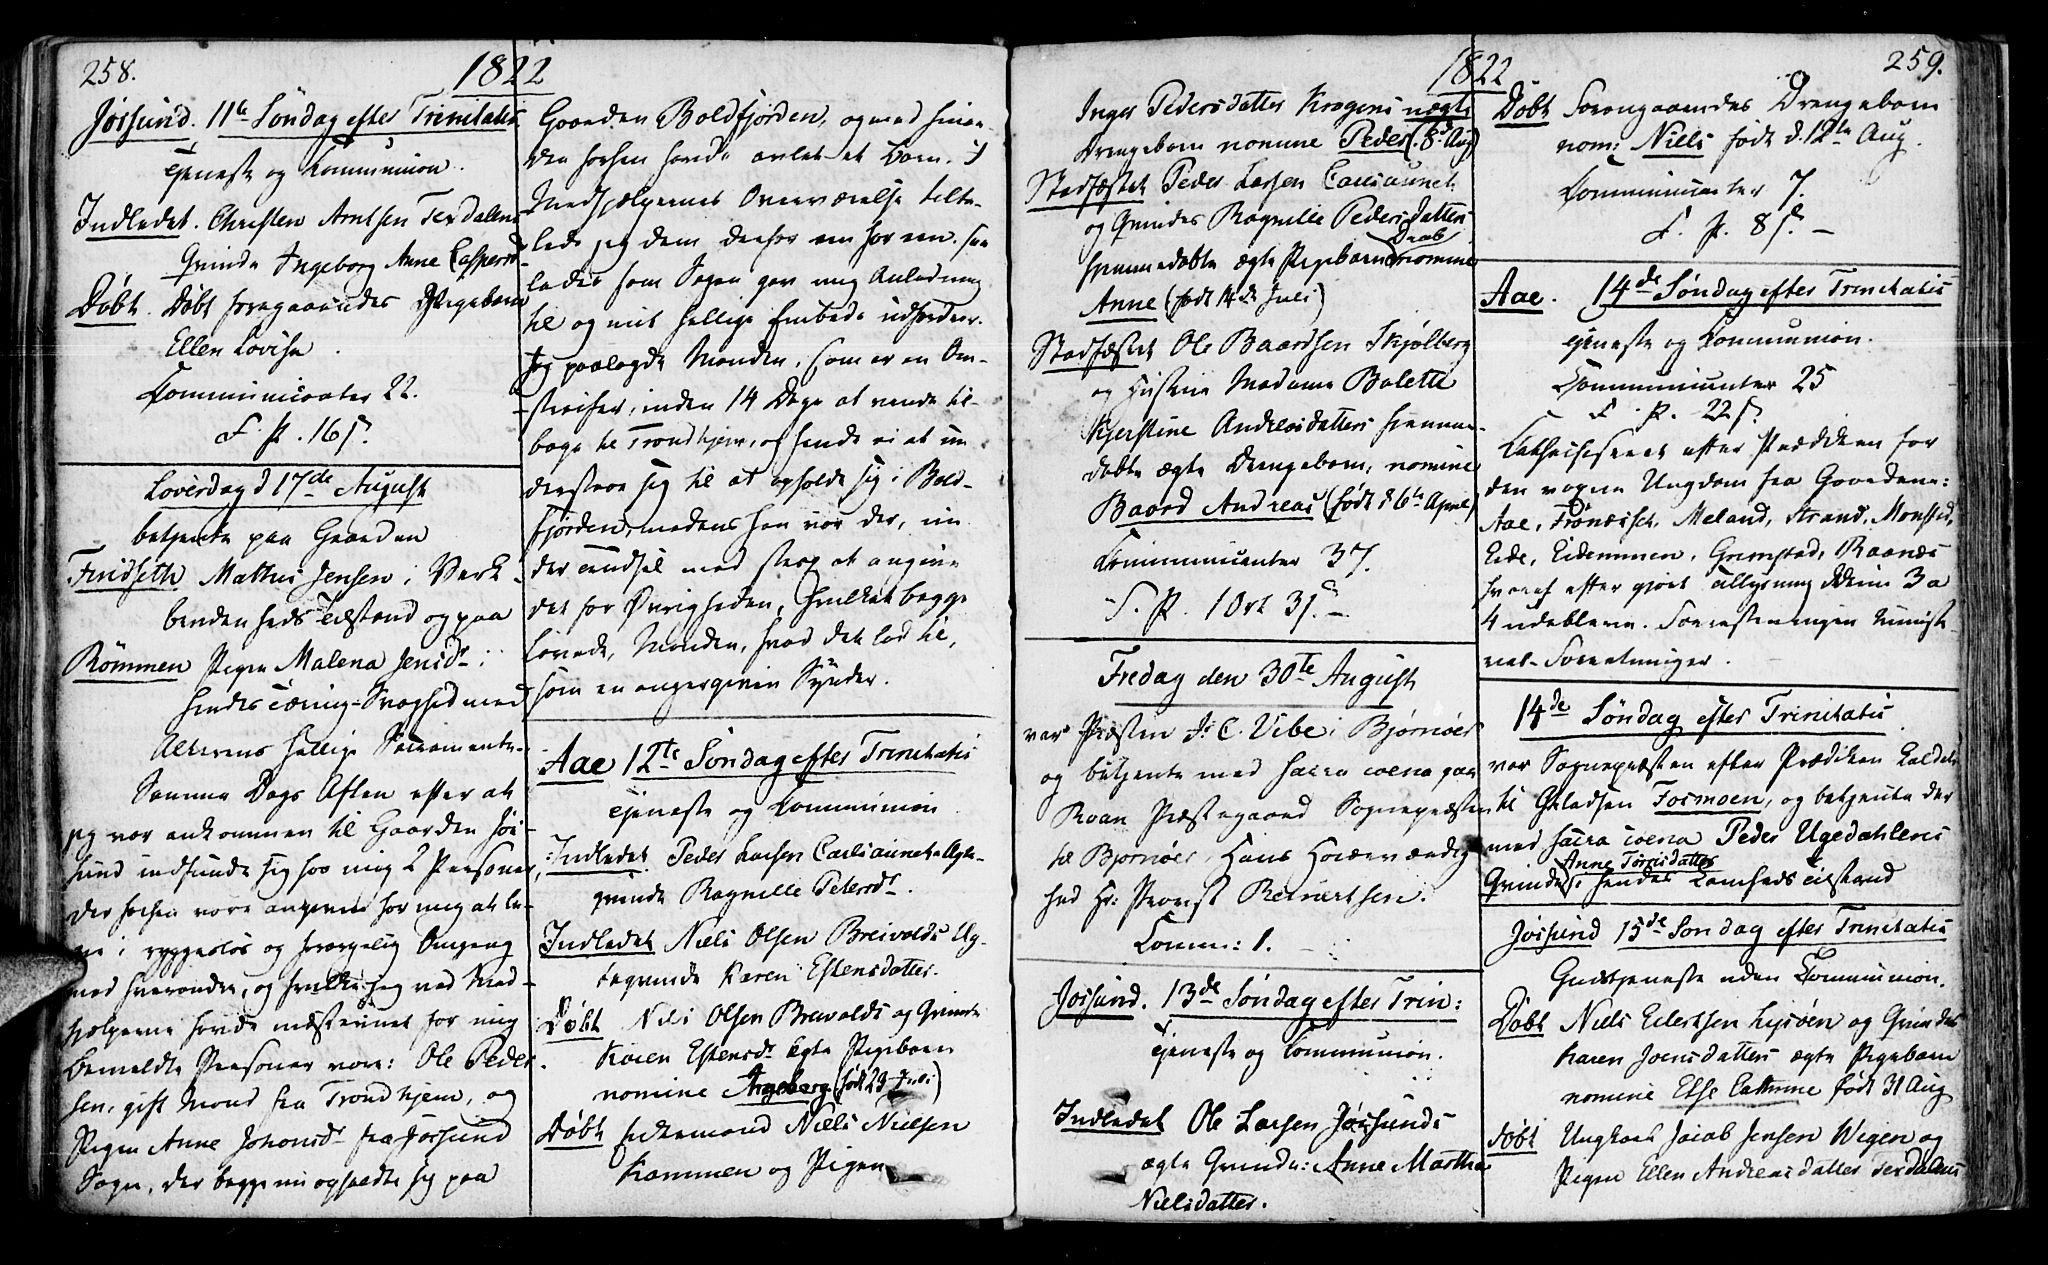 SAT, Ministerialprotokoller, klokkerbøker og fødselsregistre - Sør-Trøndelag, 655/L0674: Ministerialbok nr. 655A03, 1802-1826, s. 258-259